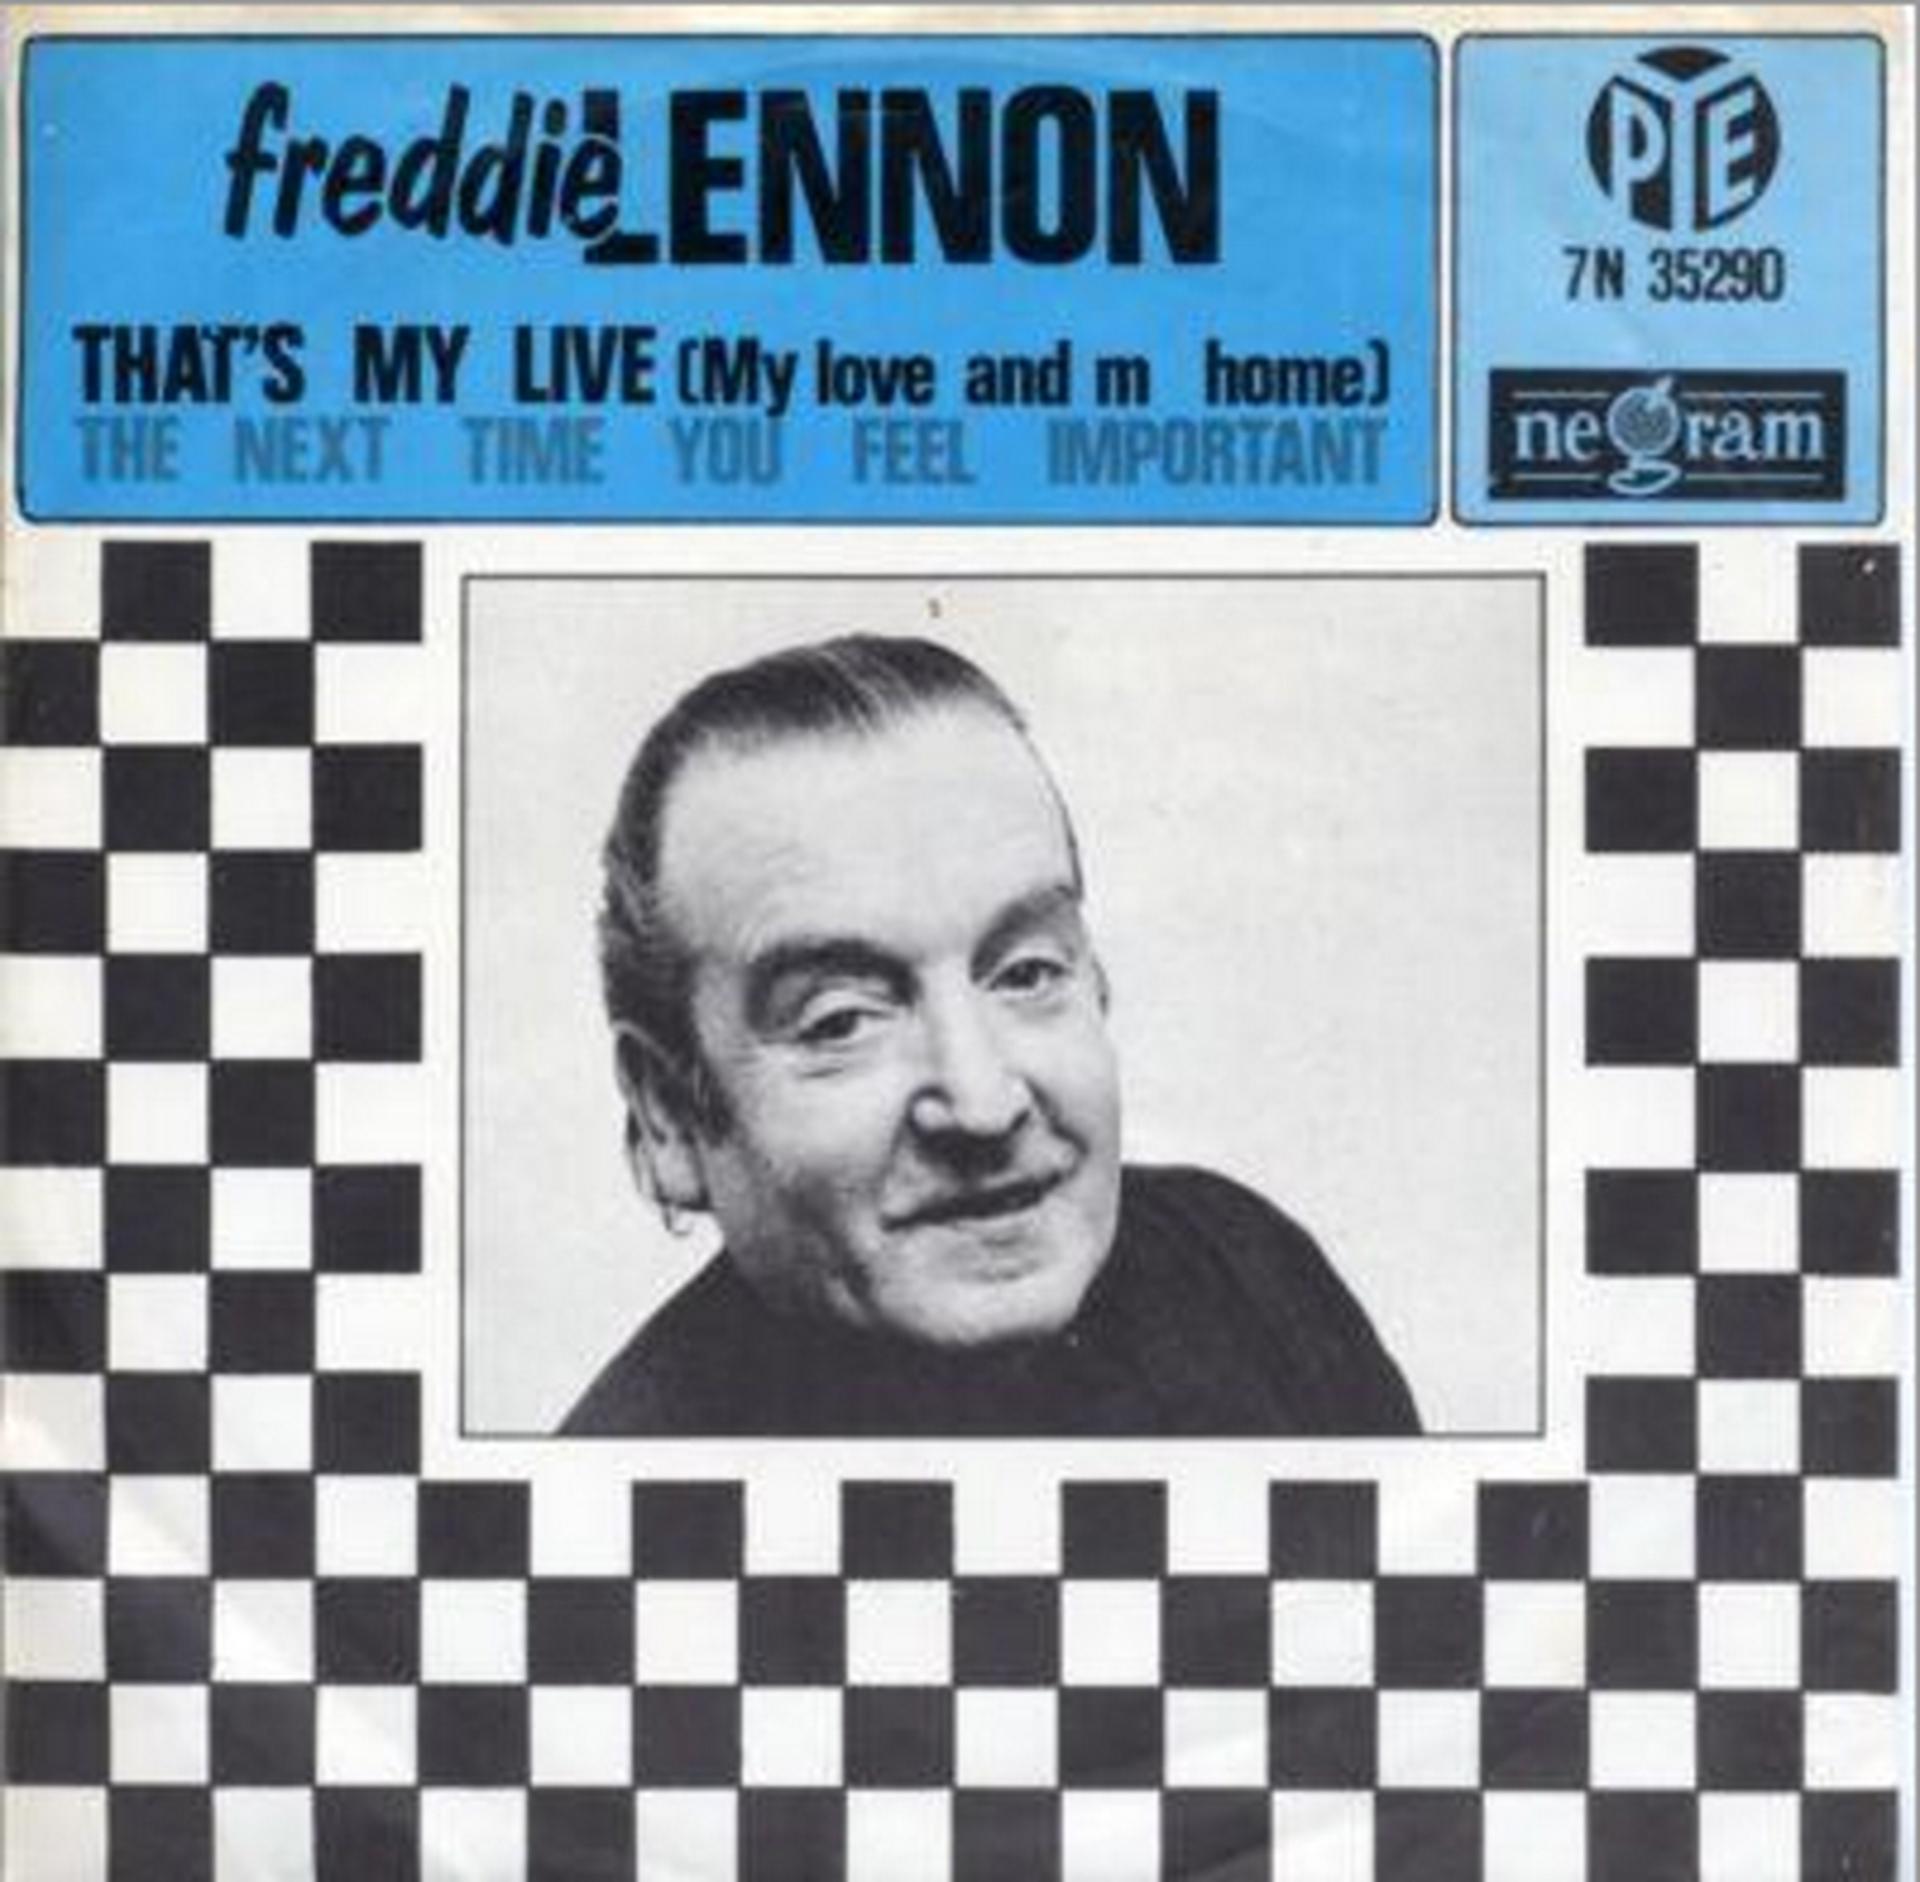 El simple que publicó Freddie Lennon en 1965